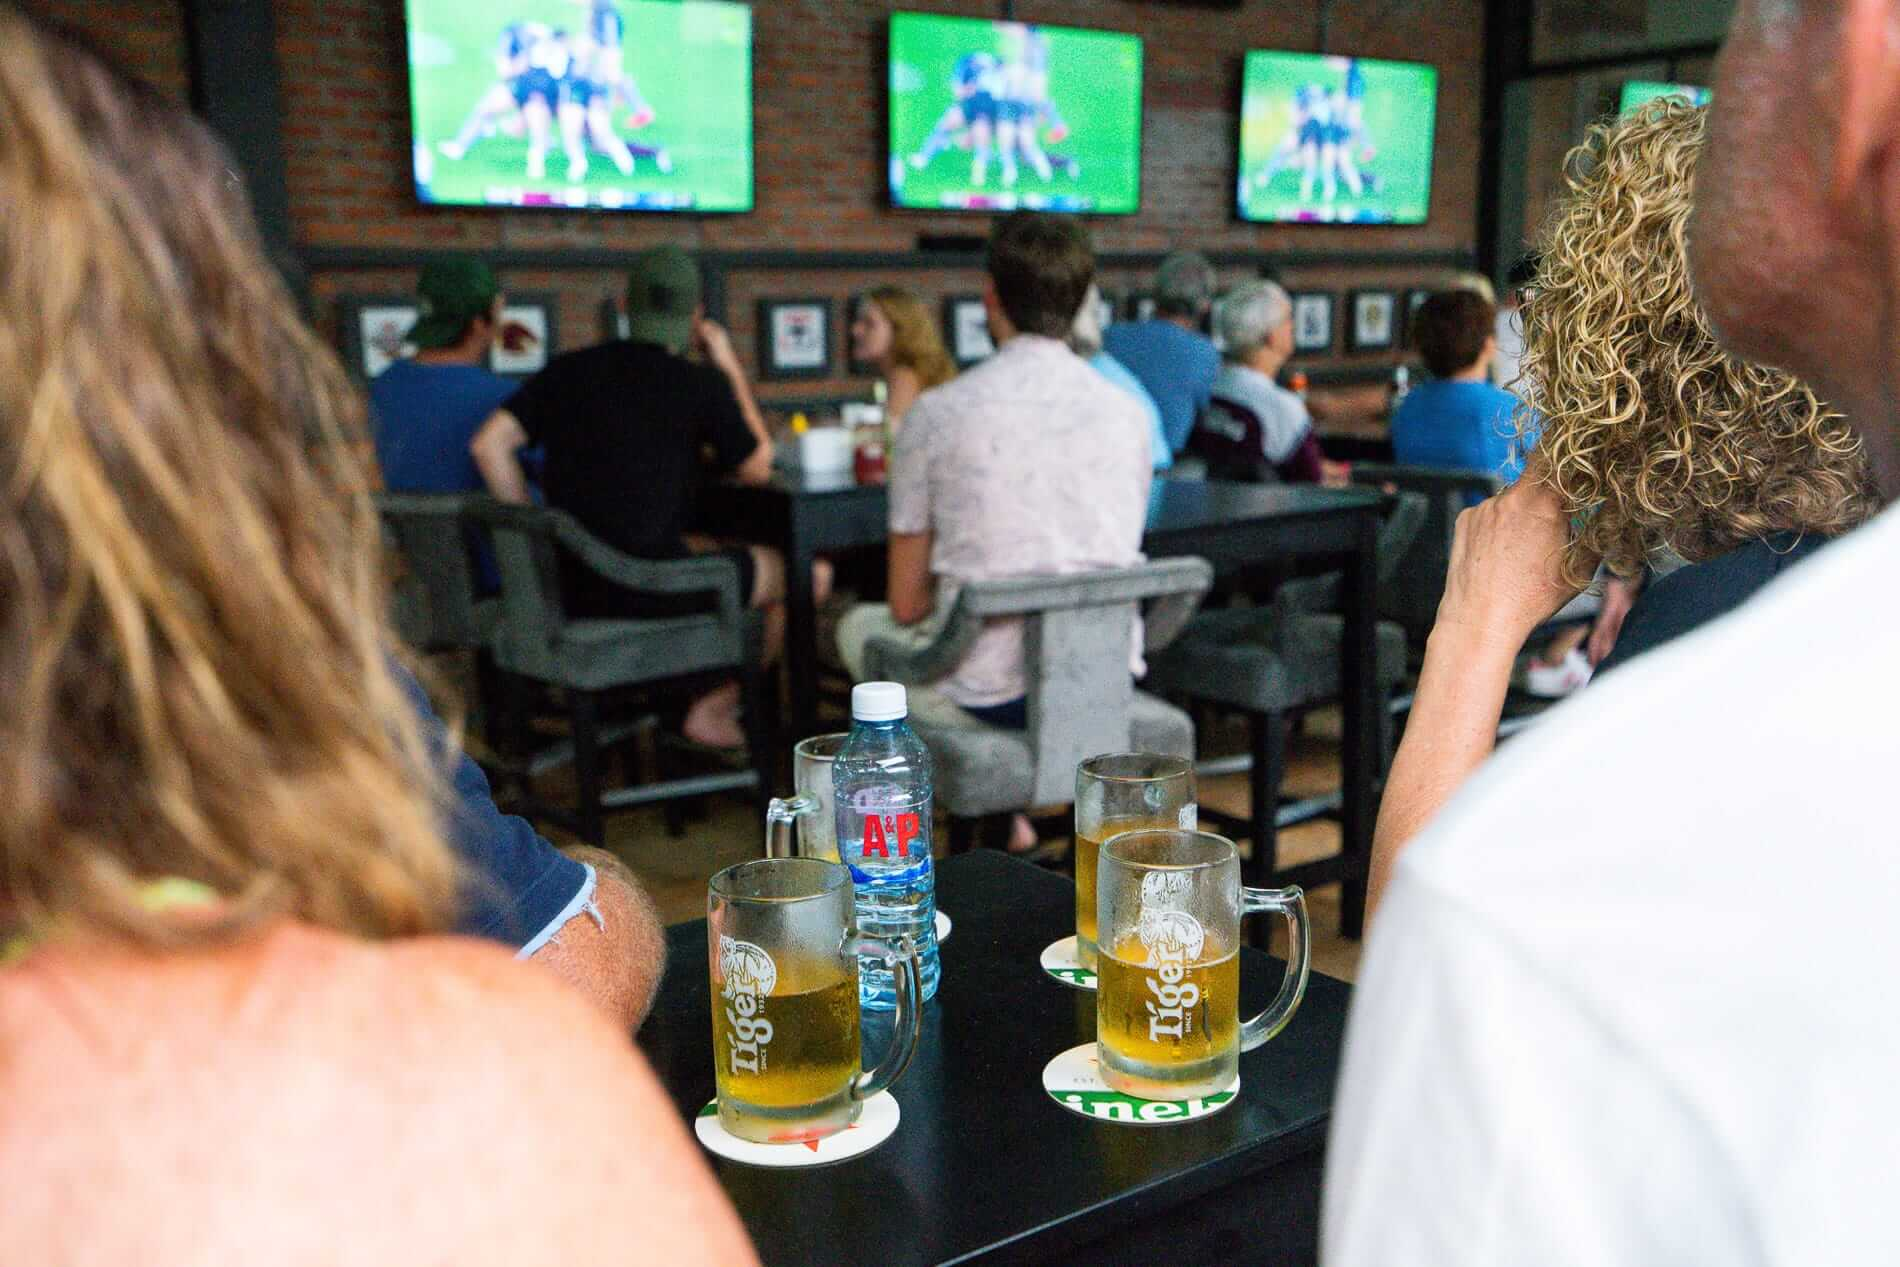 Beer and tv screens at a sports bar